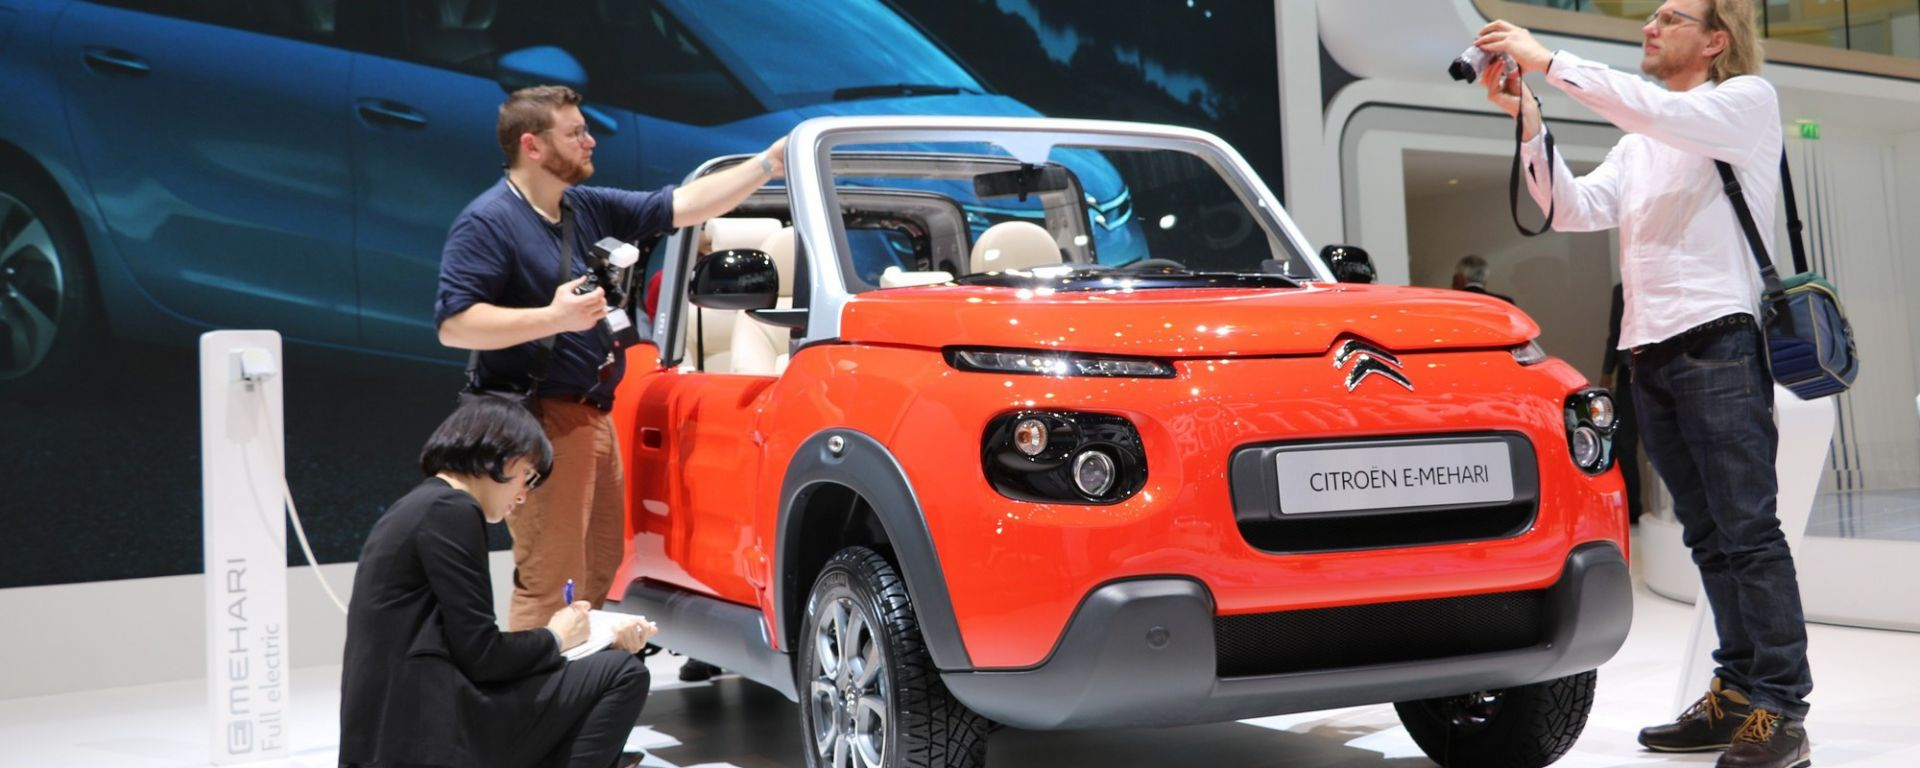 Ginevra 2016: le novità Citroën